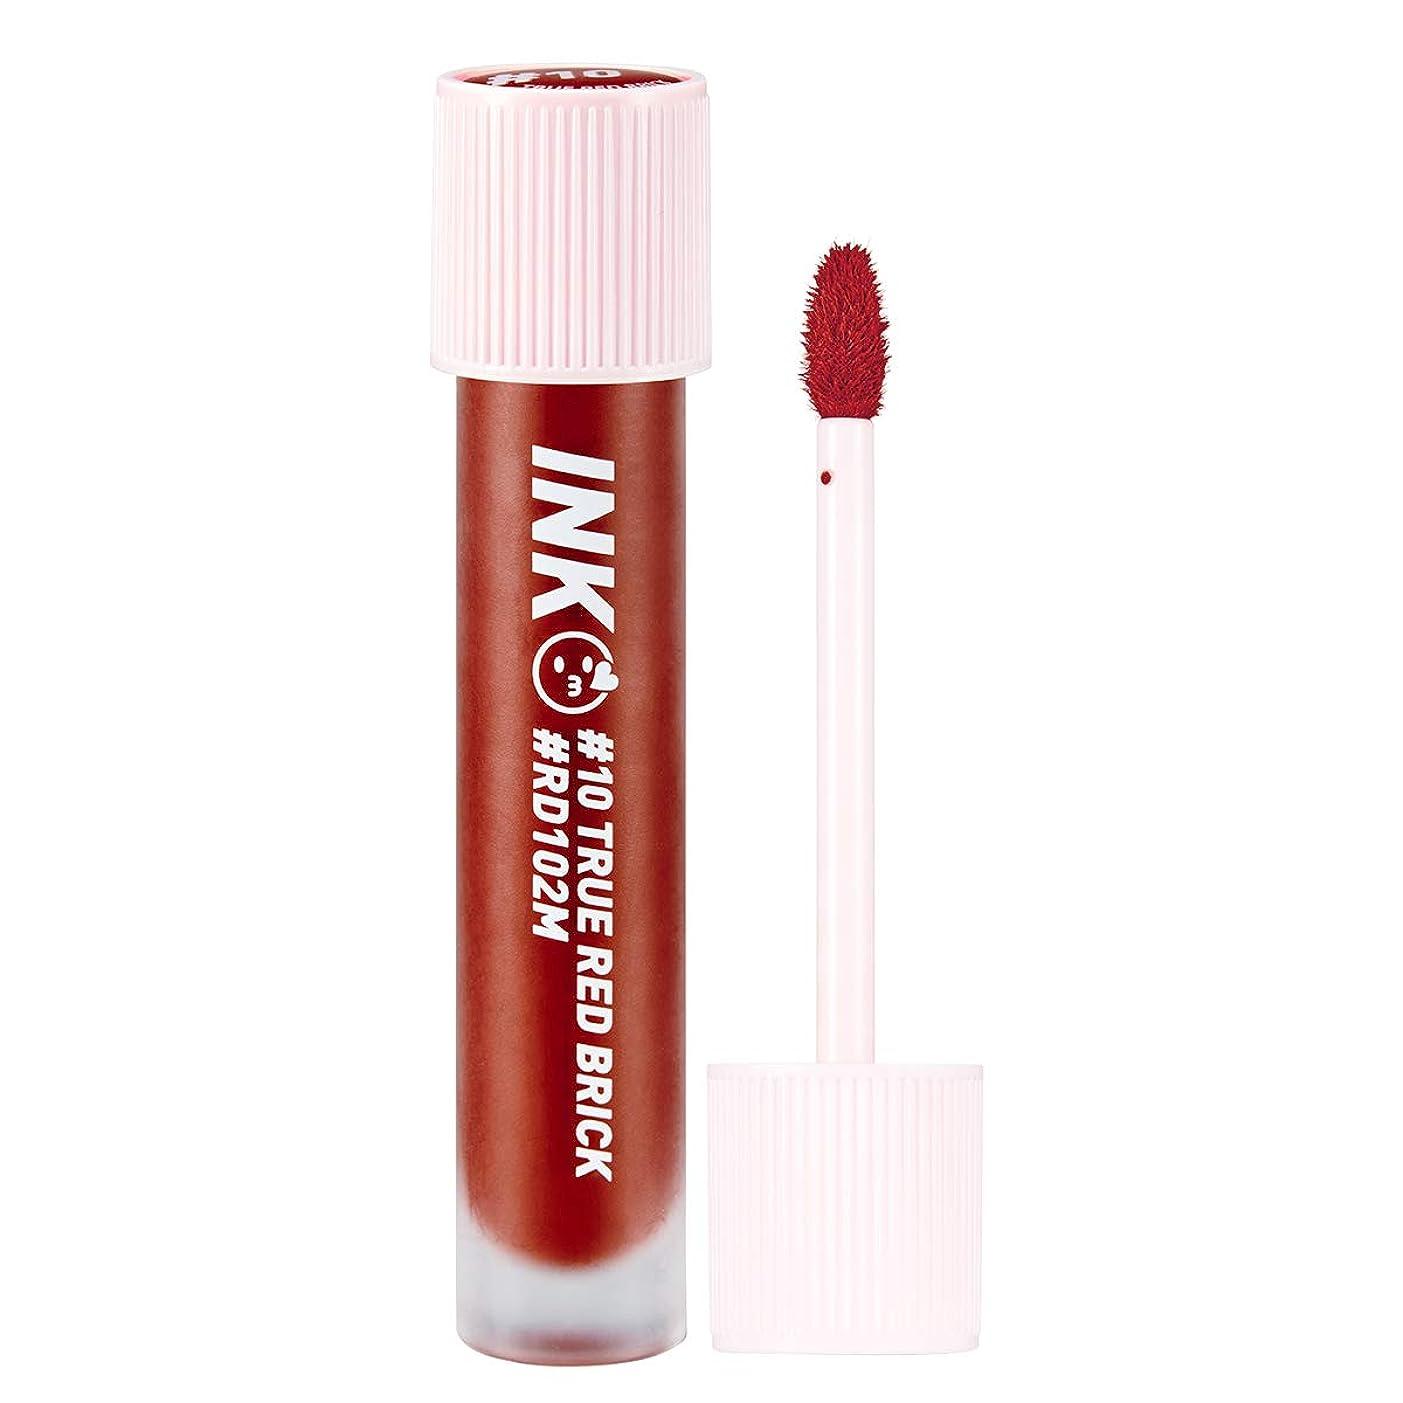 服を洗う慎重貝殻ペリペラ インク マット ブラー ティント 3.8g / PERI PERA Ink Matte Blur Tint (#10. True Red Brick) [並行輸入品]